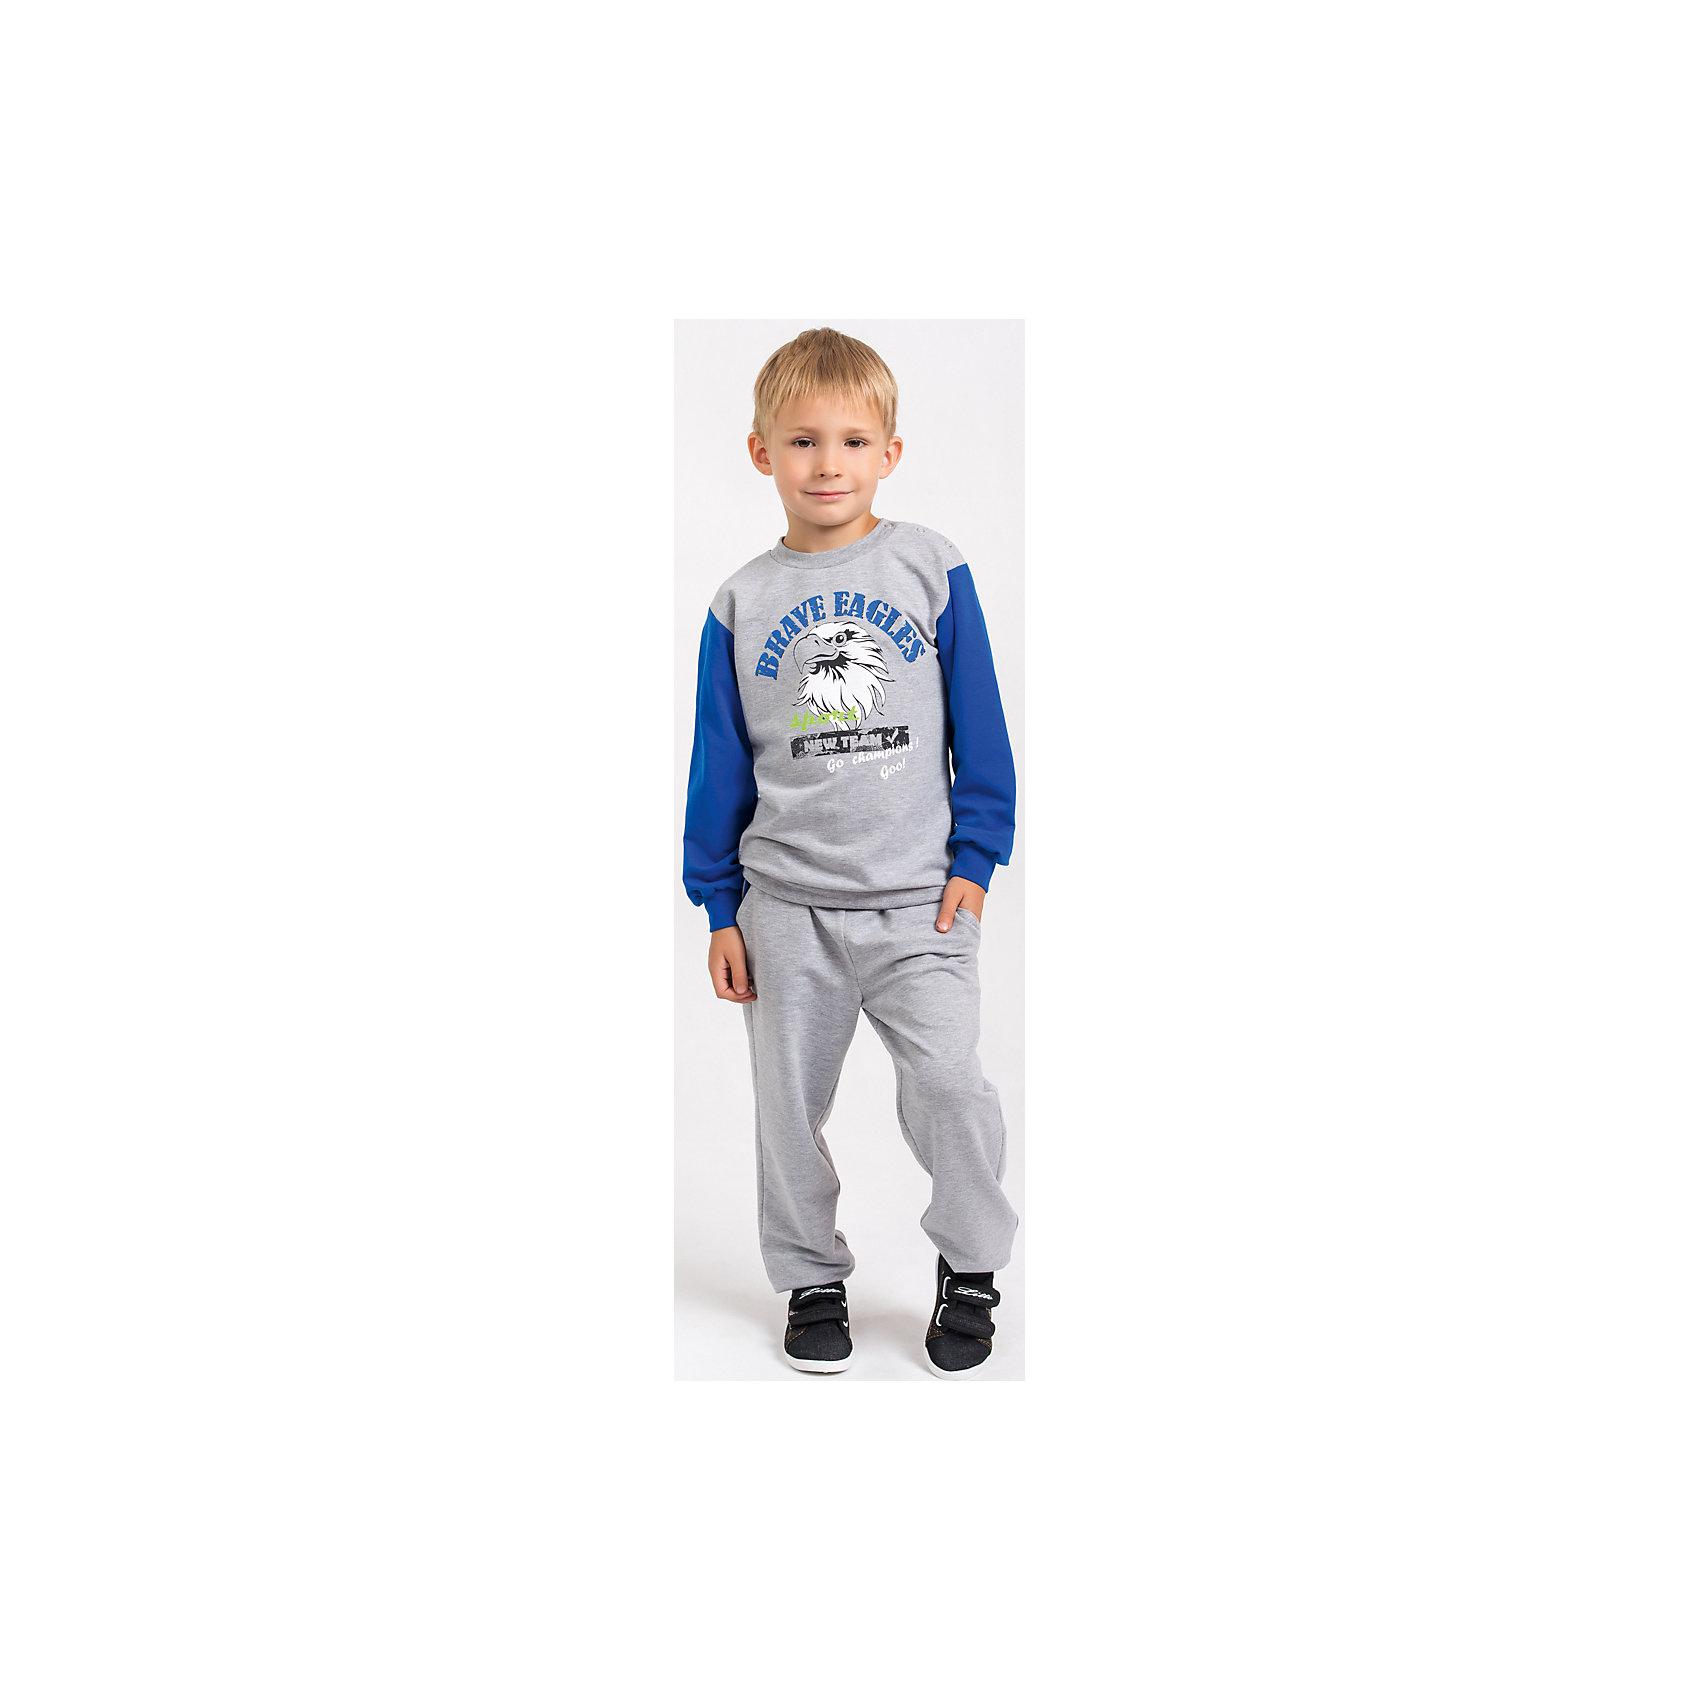 Спортивный костюм для мальчика GoldyКомплекты<br>Спортивный костюм для мальчика от белорусской марки Goldy. Костюм состоит из толстовки и брюк с манжетами.<br>Состав:<br>футер компакт пенье (70% хлопок, 26% ПЭ, 4% лайкра)<br><br>Ширина мм: 247<br>Глубина мм: 16<br>Высота мм: 140<br>Вес г: 225<br>Цвет: серо-синий<br>Возраст от месяцев: 18<br>Возраст до месяцев: 24<br>Пол: Мужской<br>Возраст: Детский<br>Размер: 92,98,104,110,116,122<br>SKU: 4921153